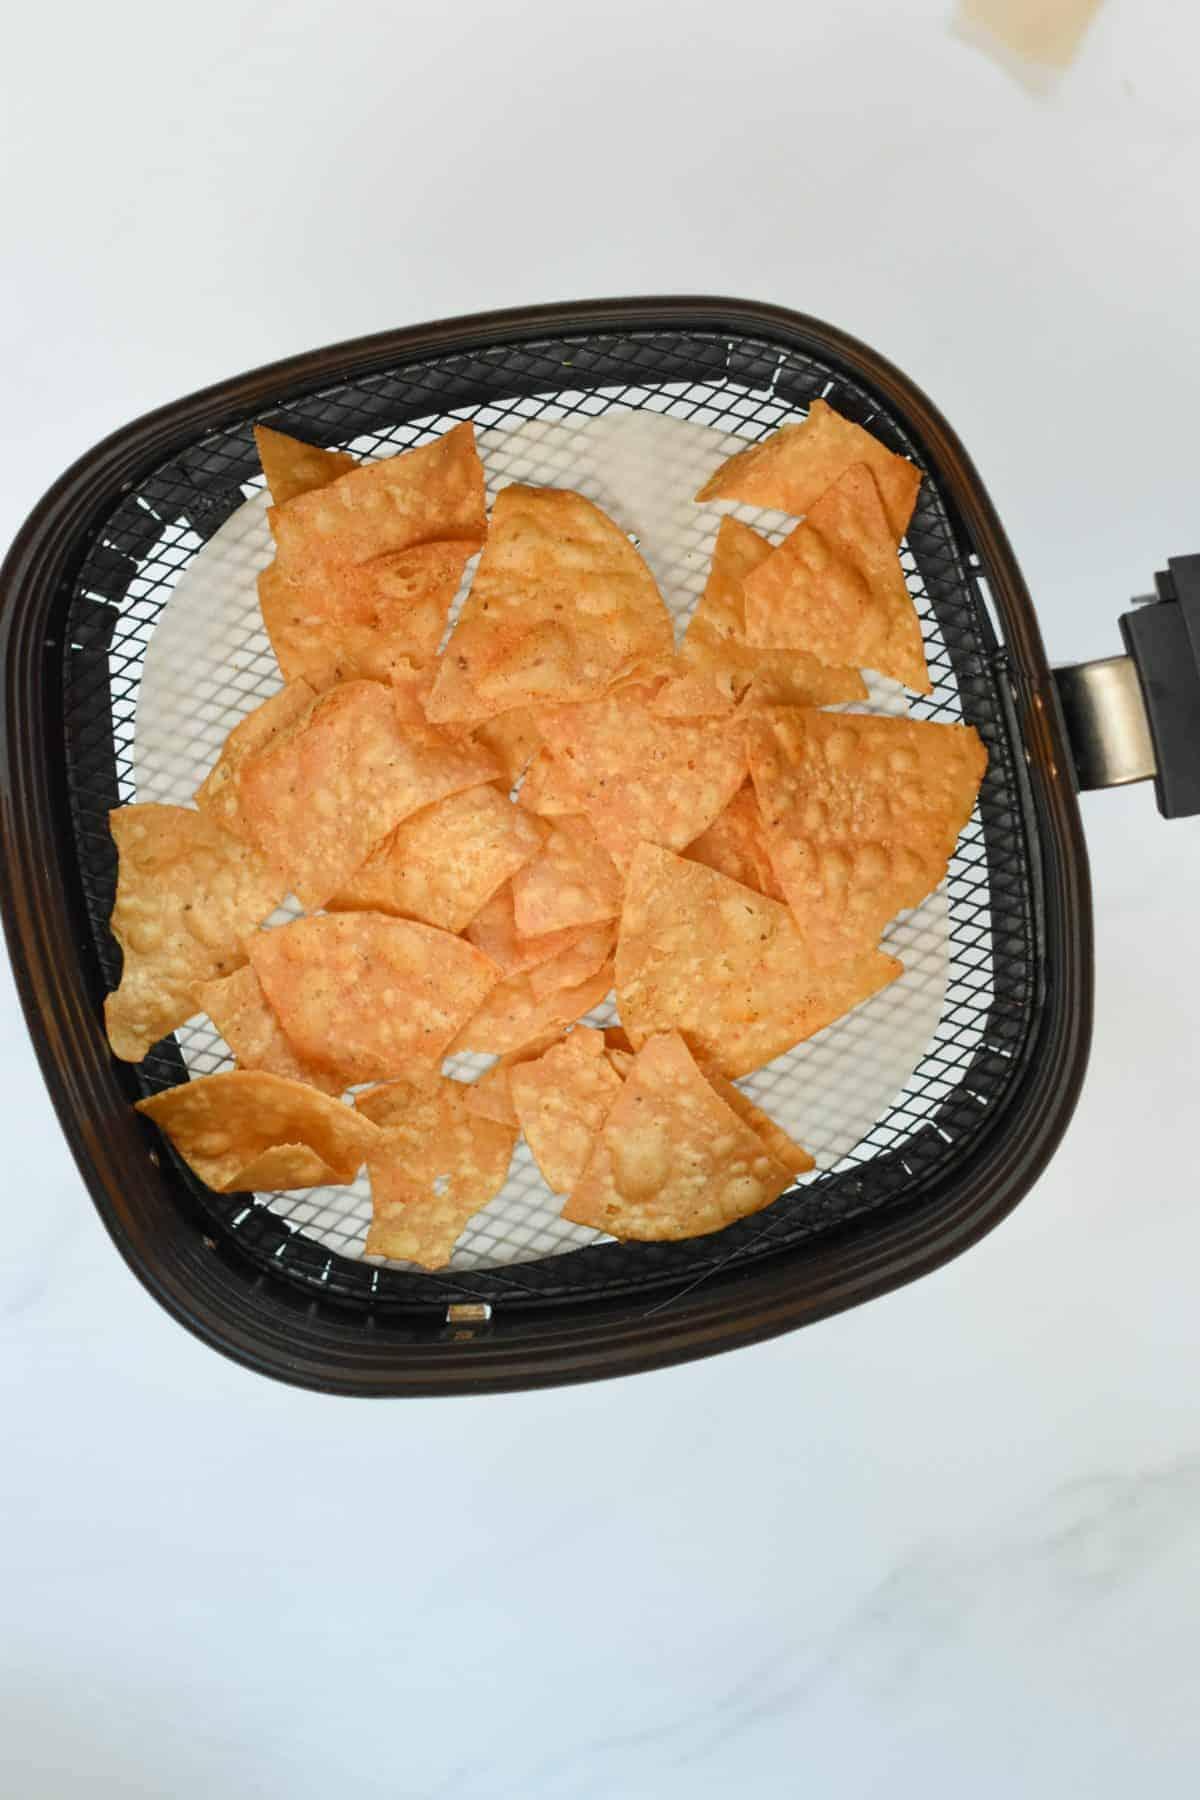 Parchment paper tortillas chips